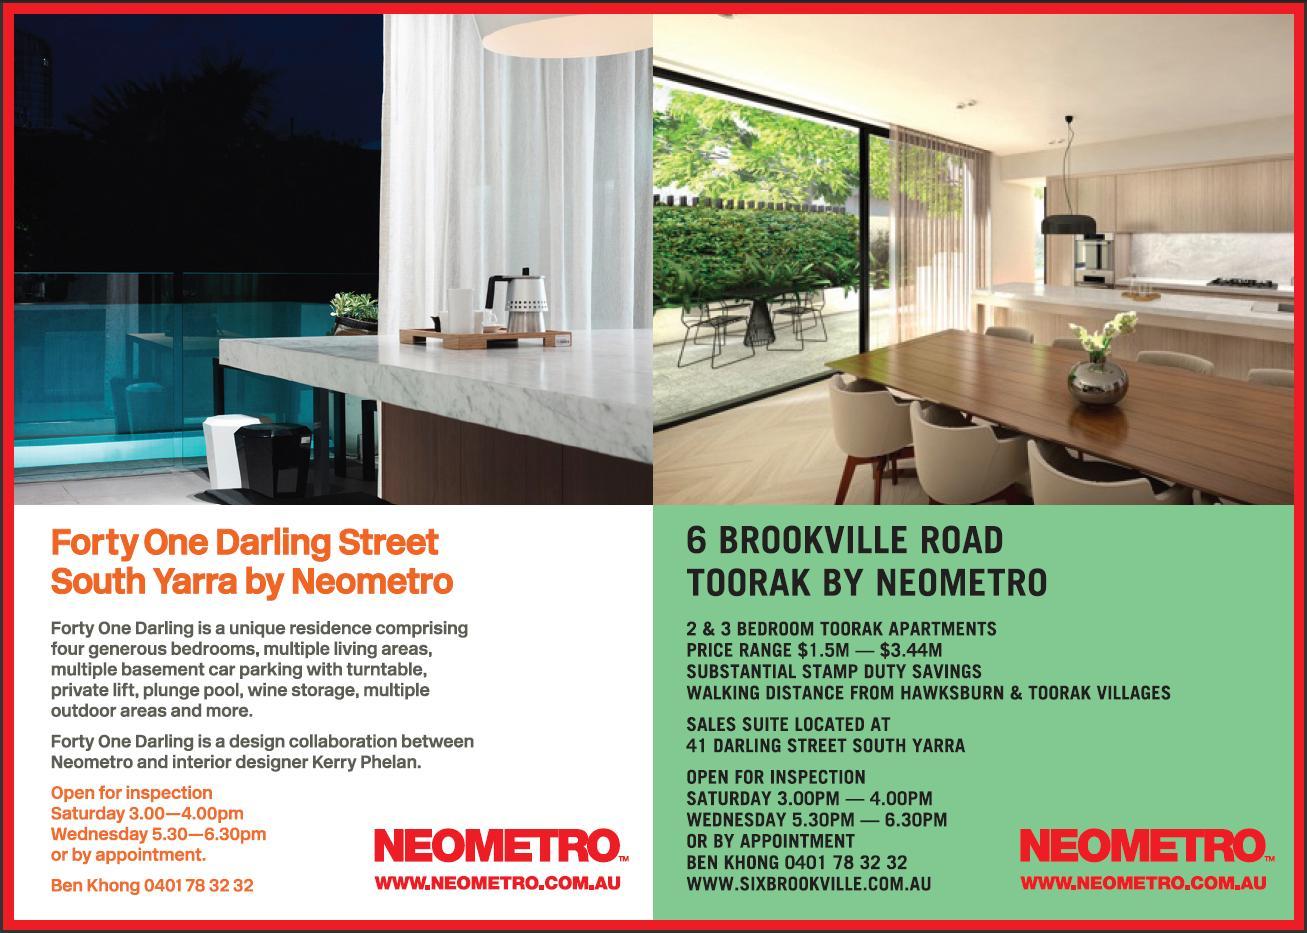 Neometro